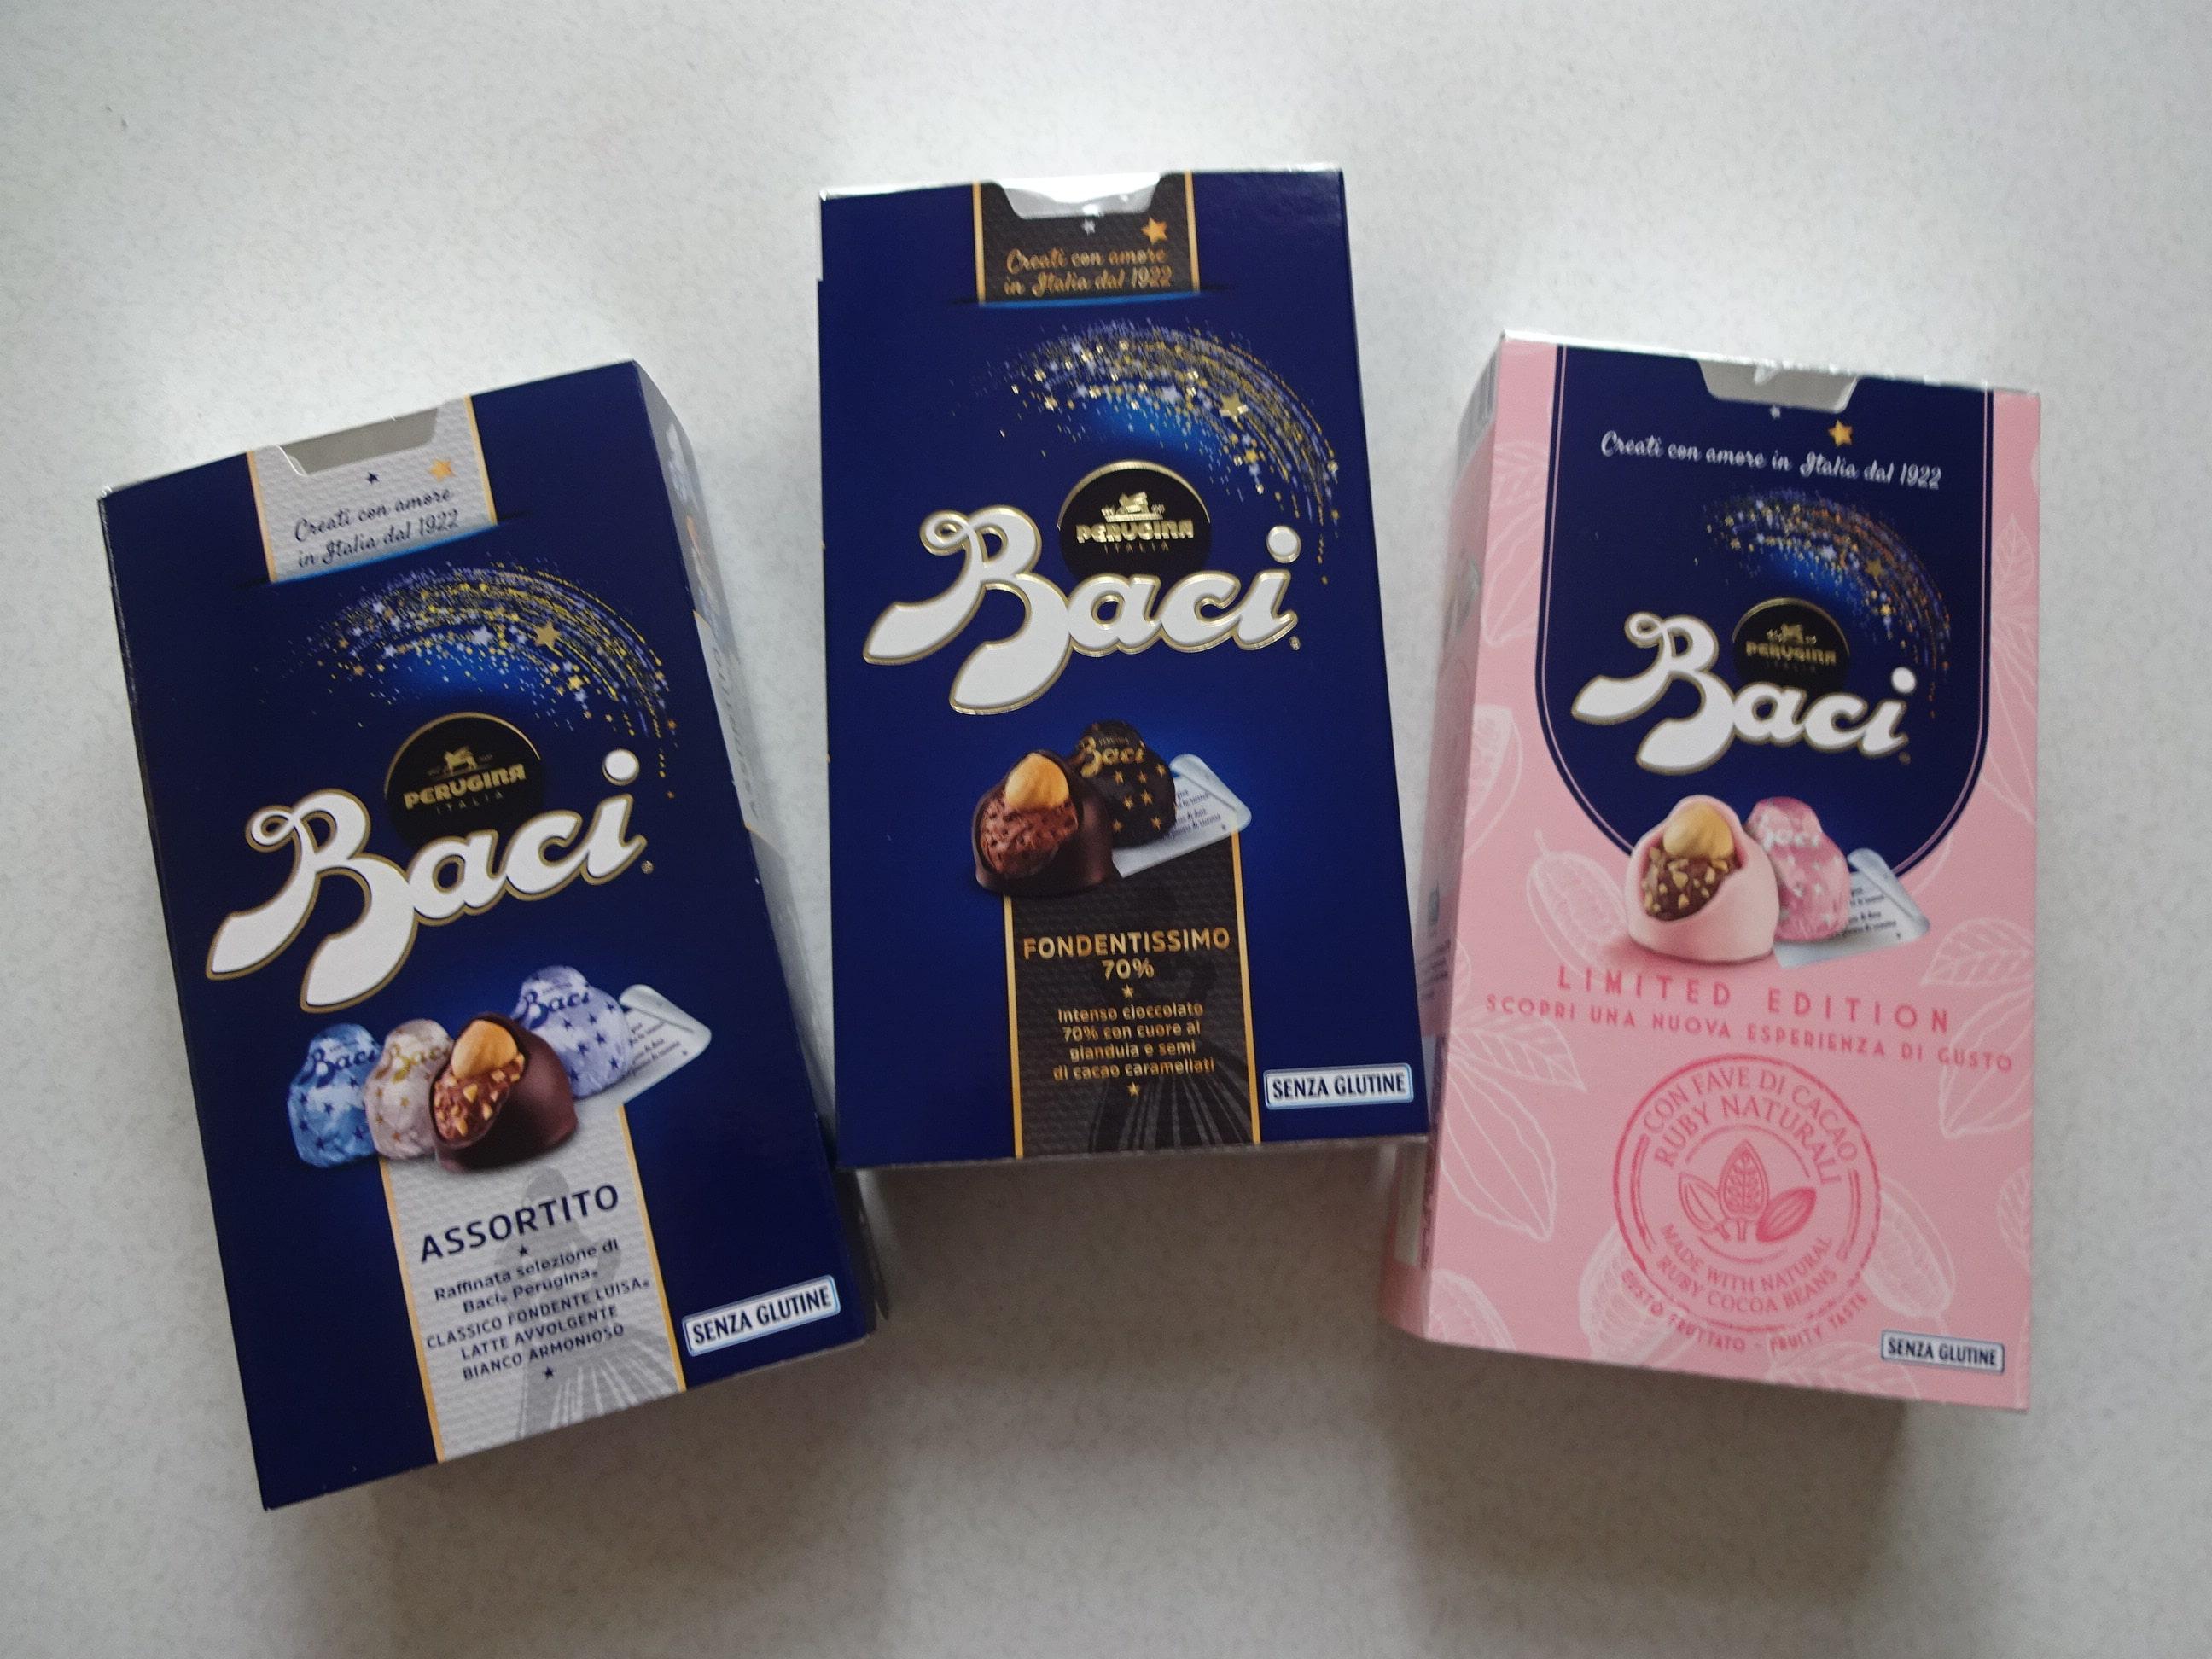 ピンクのBaci、ルビーチョコレート